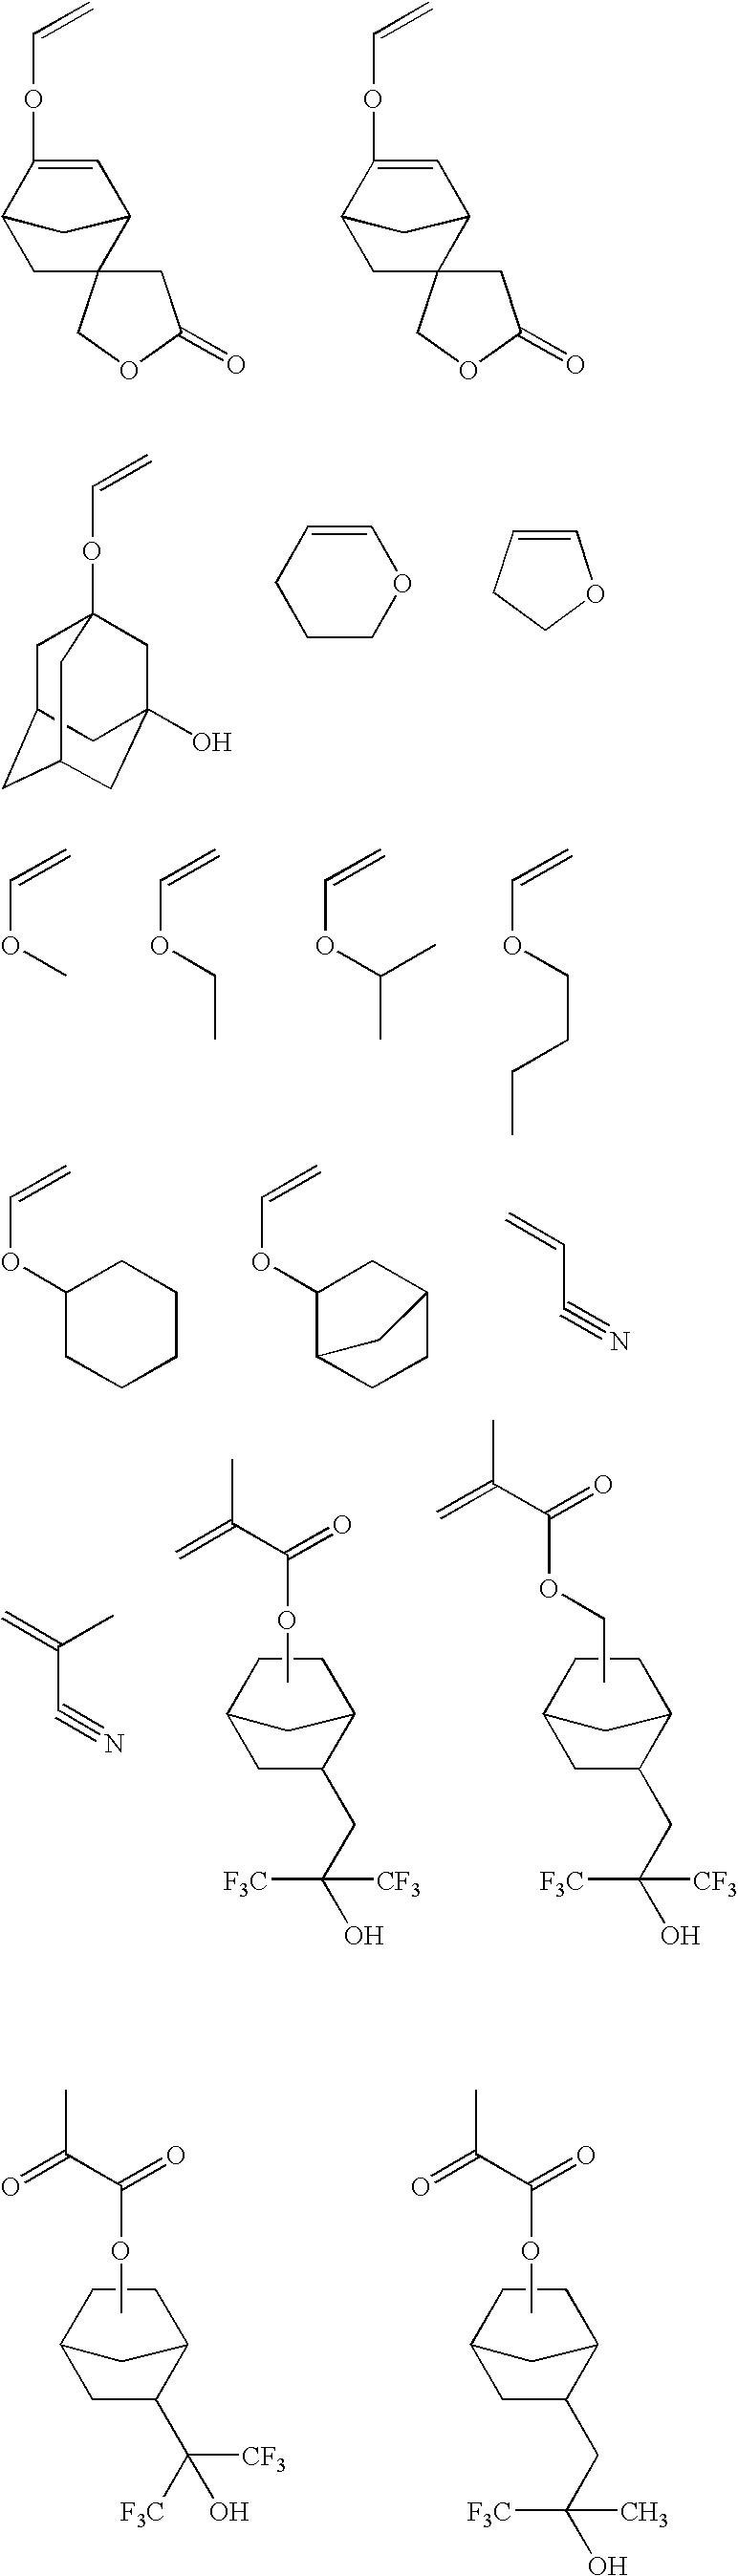 Figure US07368218-20080506-C00037